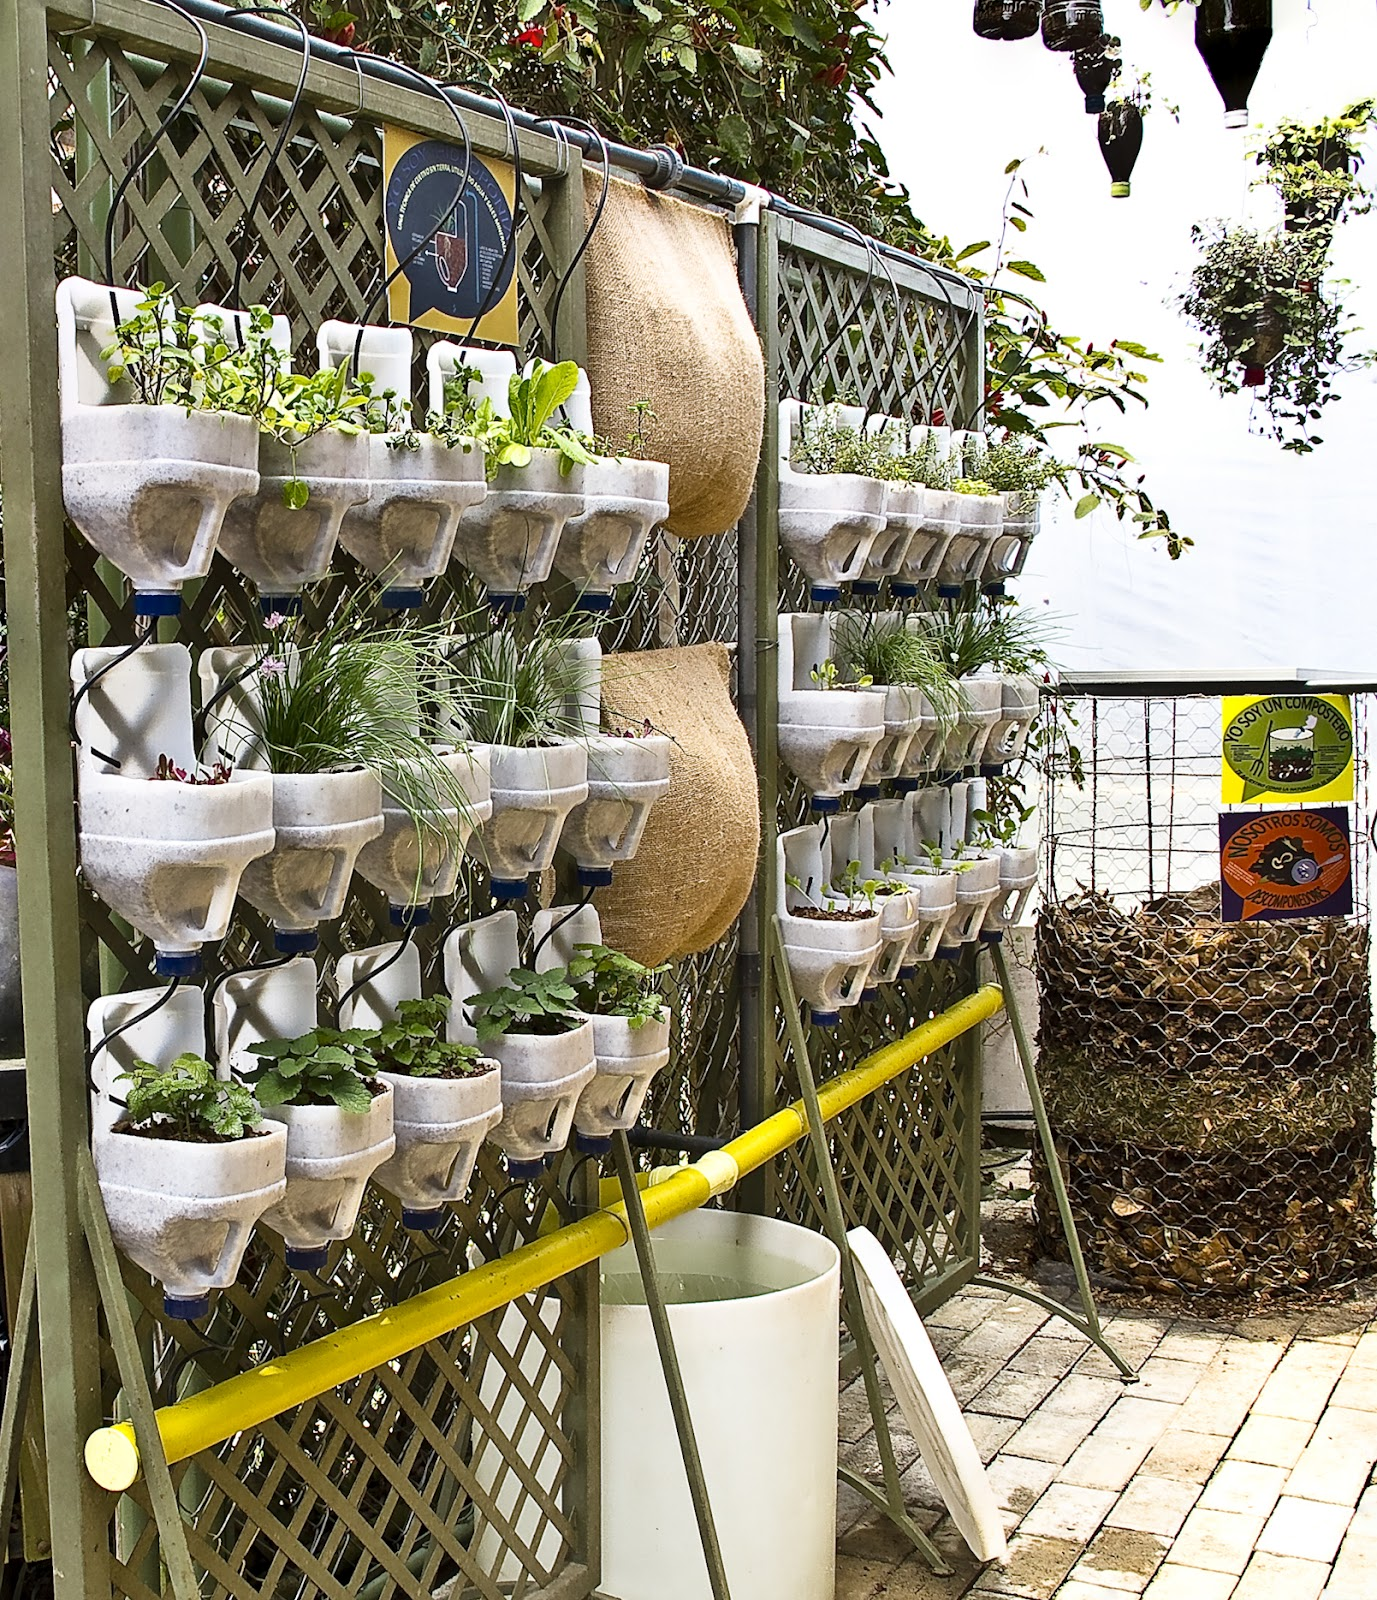 Digital camera adventures tras escenarios energ a - Cultivo de hierbas aromaticas en casa ...